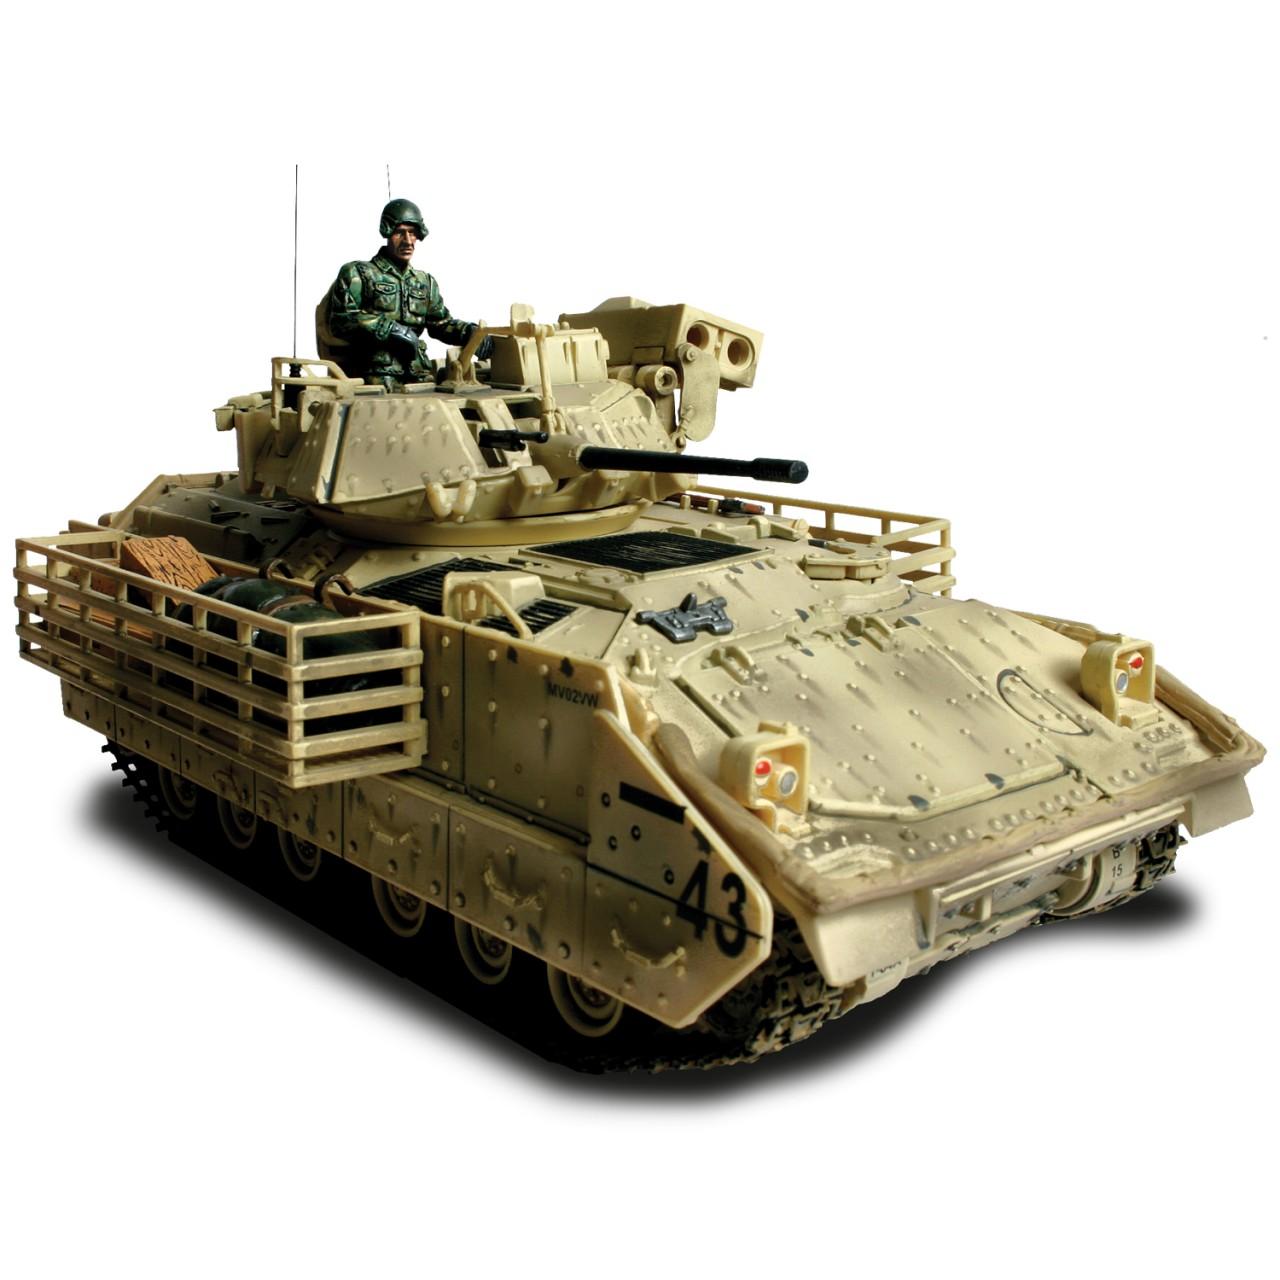 Коллекционная модель - американская БМП M3A2 Bradley, Италия 1944, 1:32Военная техника<br>Коллекционная модель - американская БМП M3A2 Bradley, Италия 1944, 1:32<br>